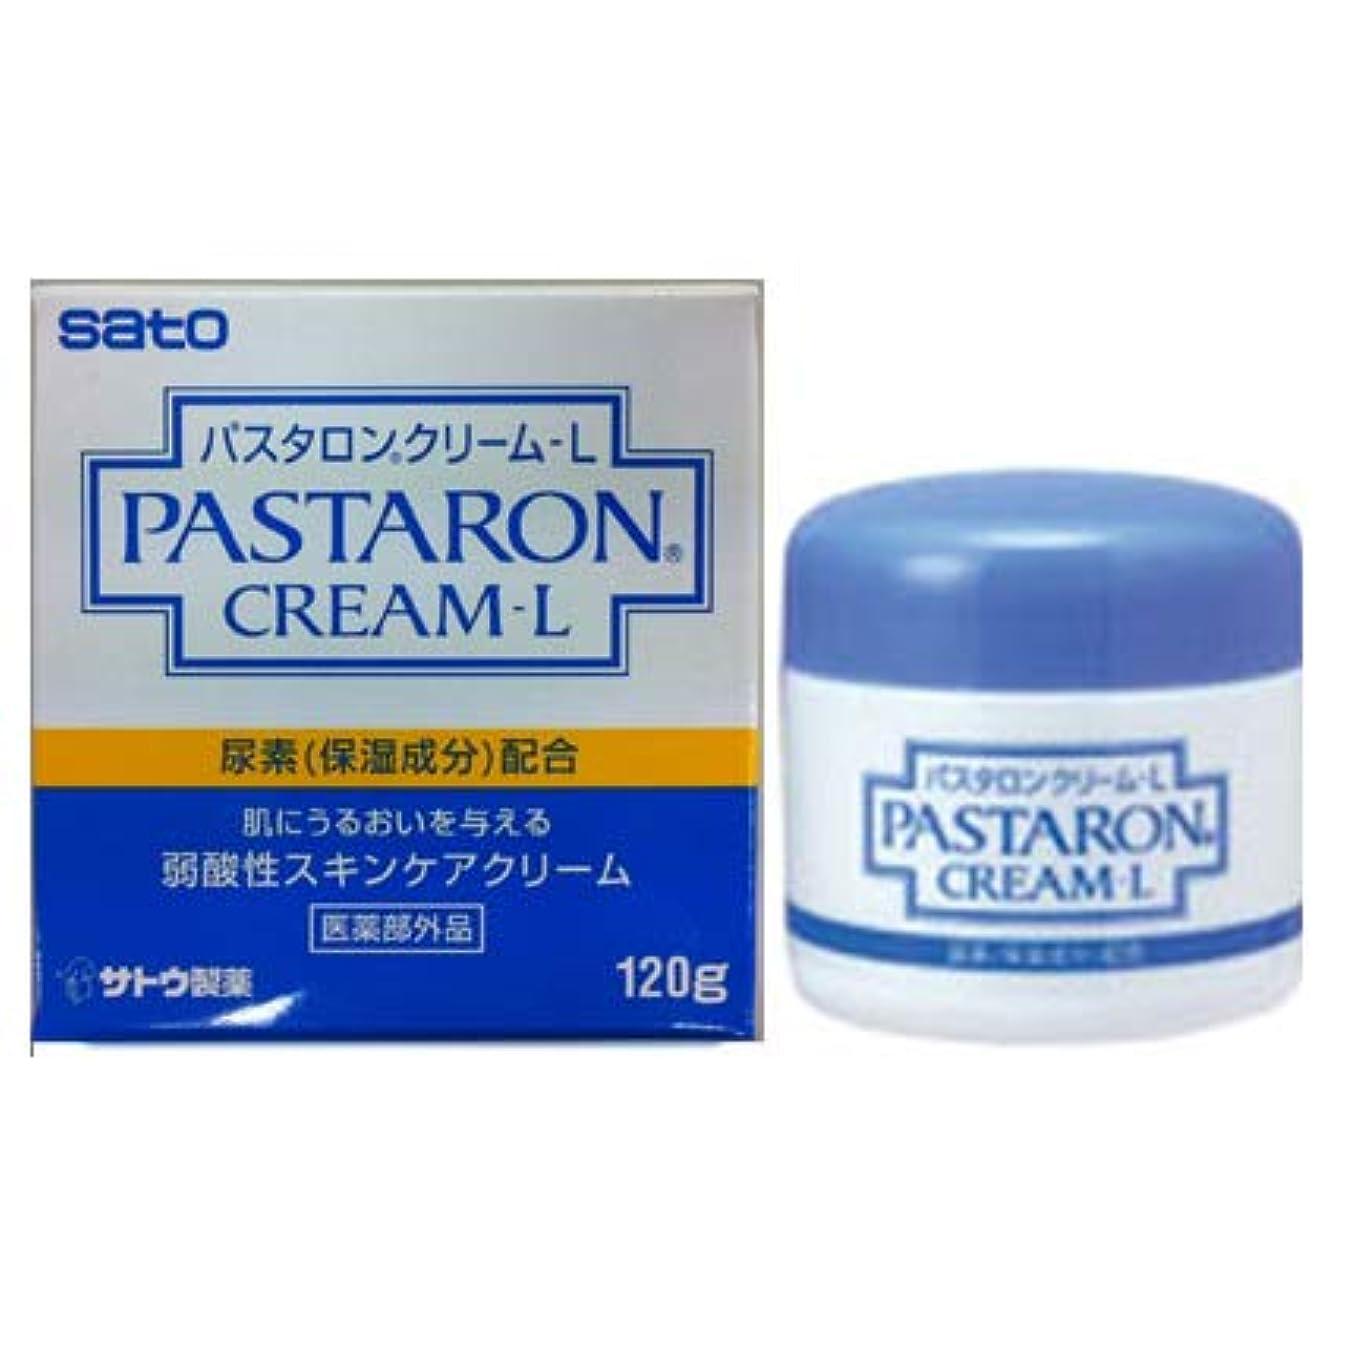 噂ミルクによってパスタロンクリームL 120g×10個セット【医薬部外品】